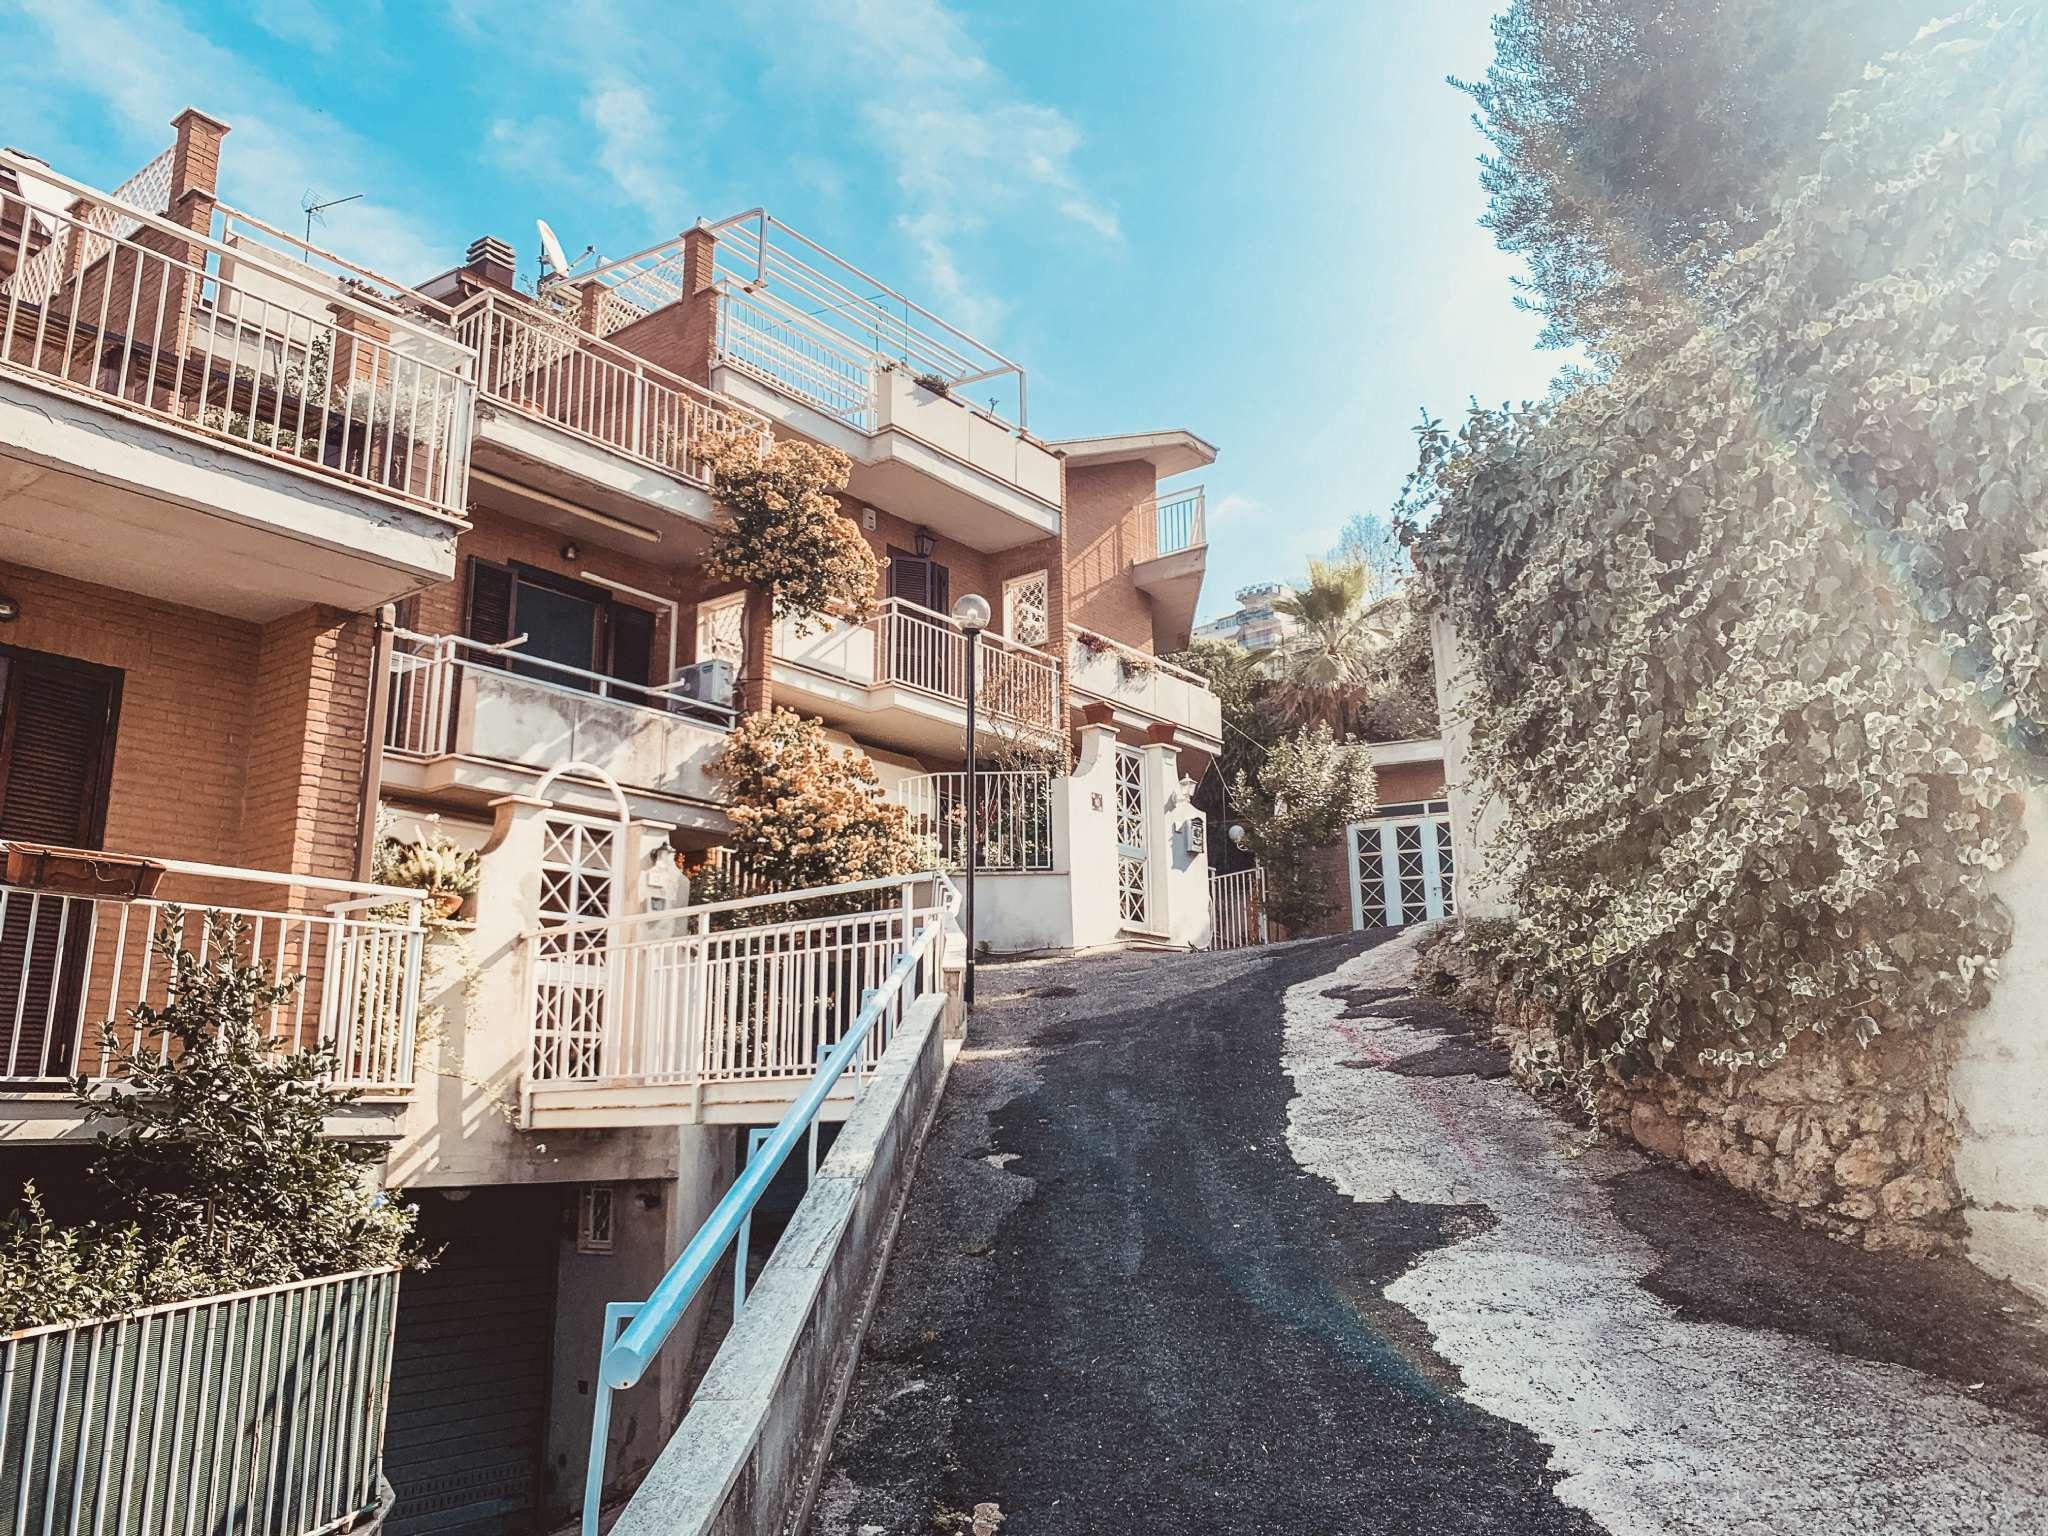 Appartamento in vendita a Tivoli, 6 locali, prezzo € 330.000 | PortaleAgenzieImmobiliari.it